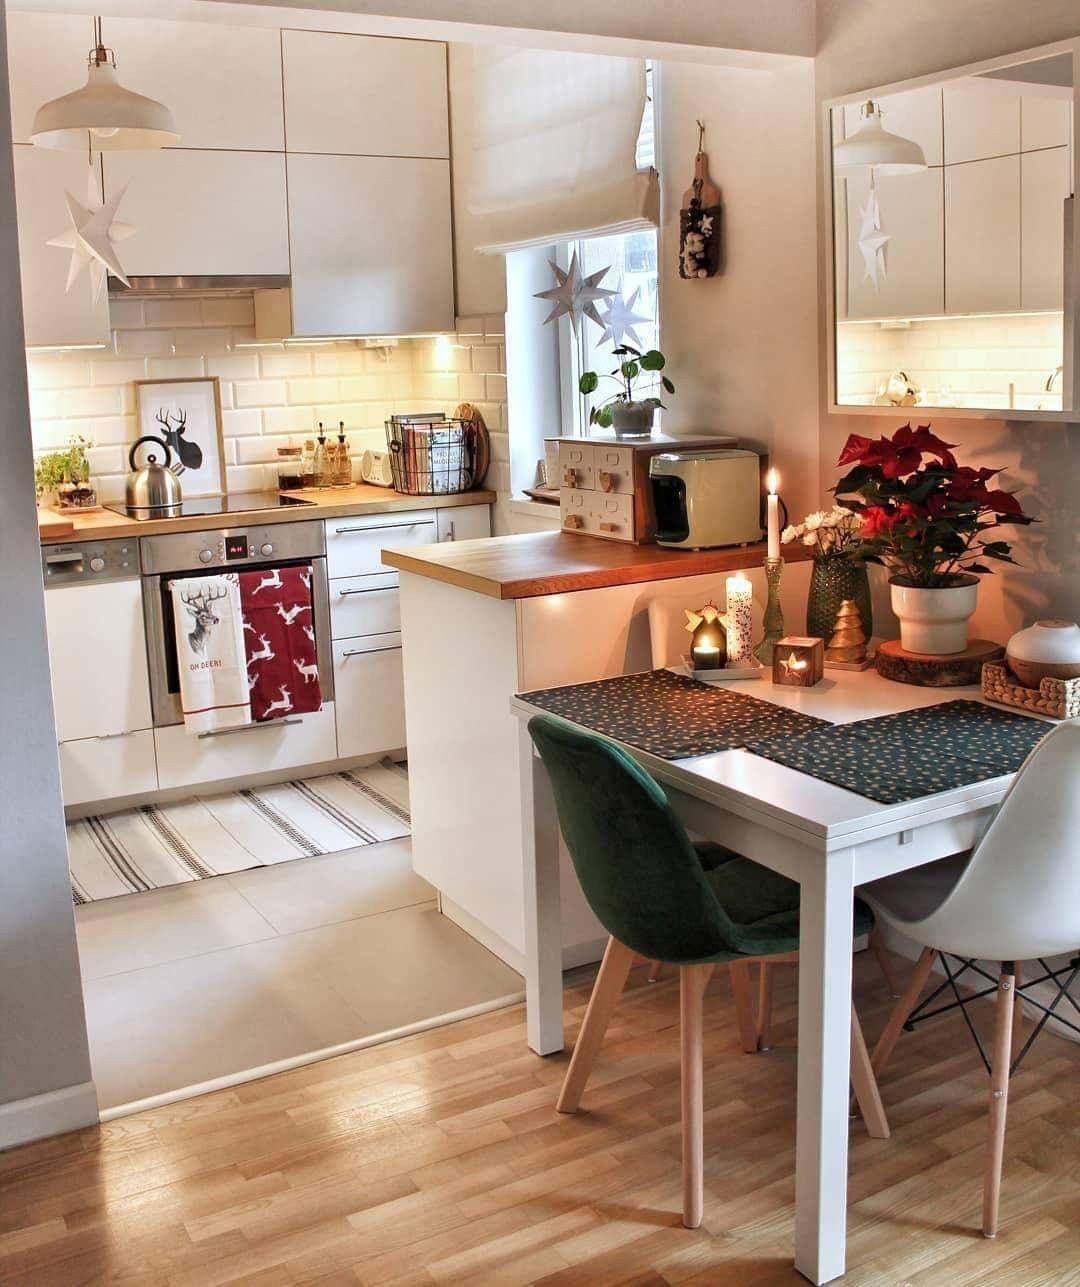 Pin By Cintia Toth On Arrediamo Casa Small Apartment Kitchen Kitchen Design Small Home Decor Kitchen